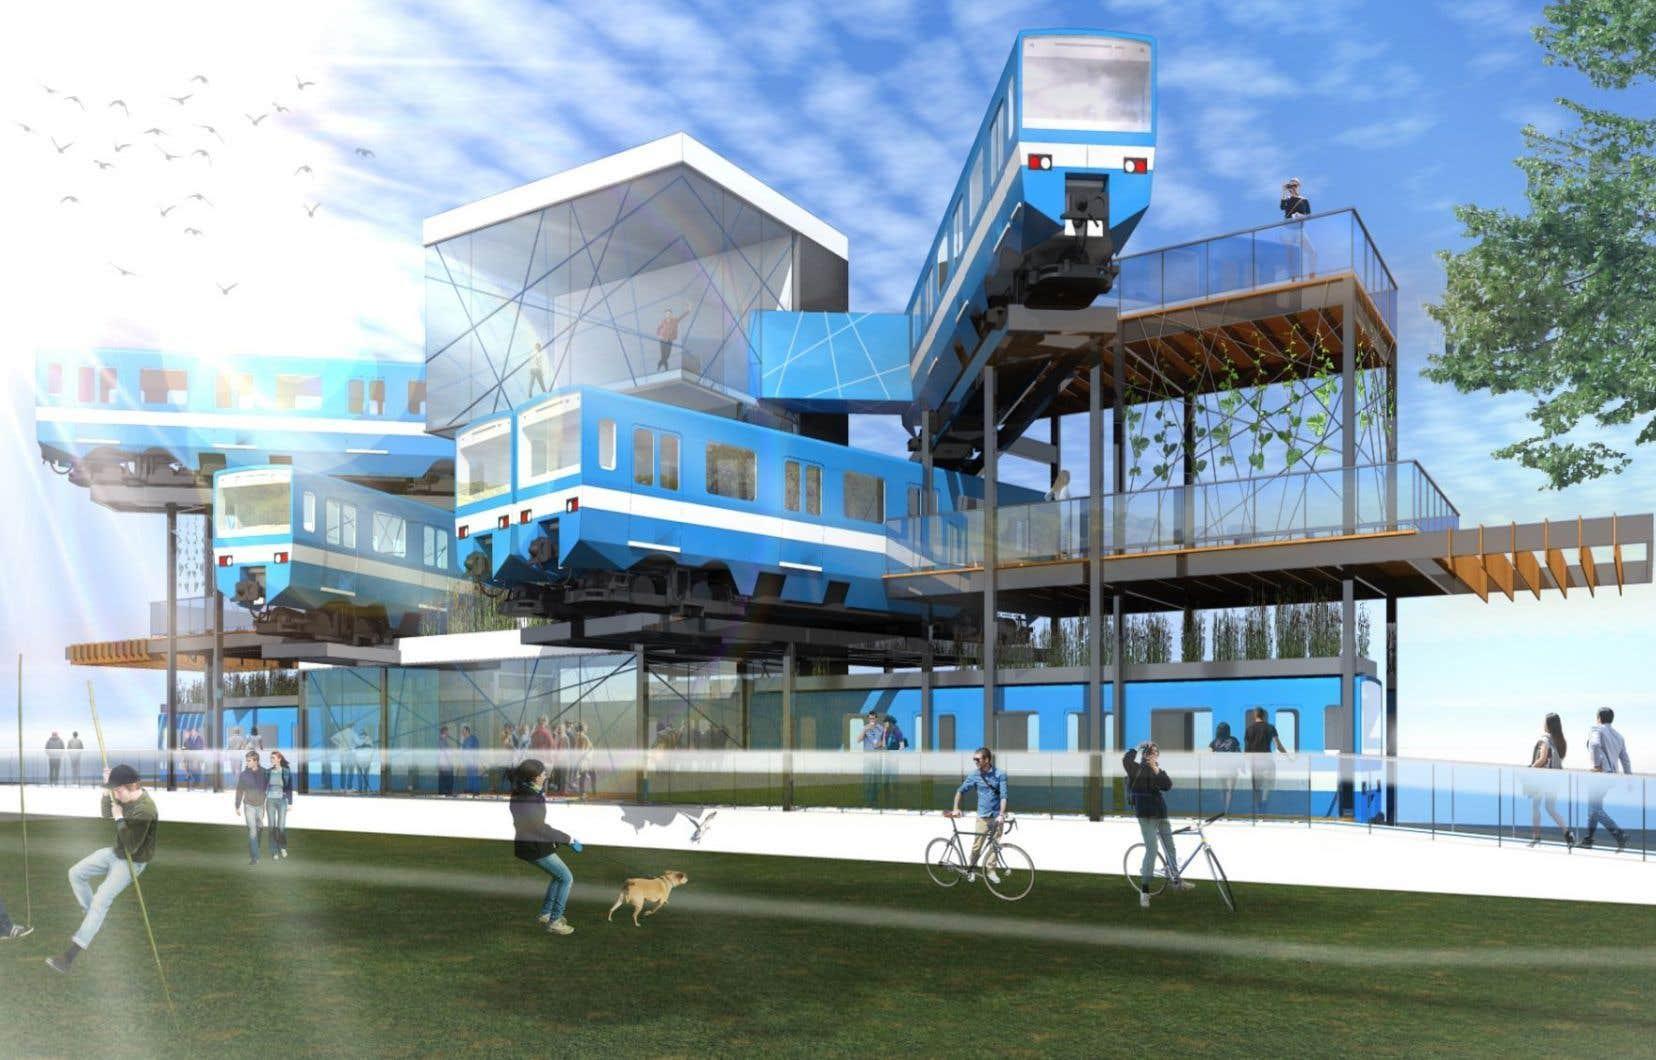 Les voitures bleues du métro seront fixées sur des structures d'acier et l'immeuble à l'allure éclatée comportera des espaces terrasses.